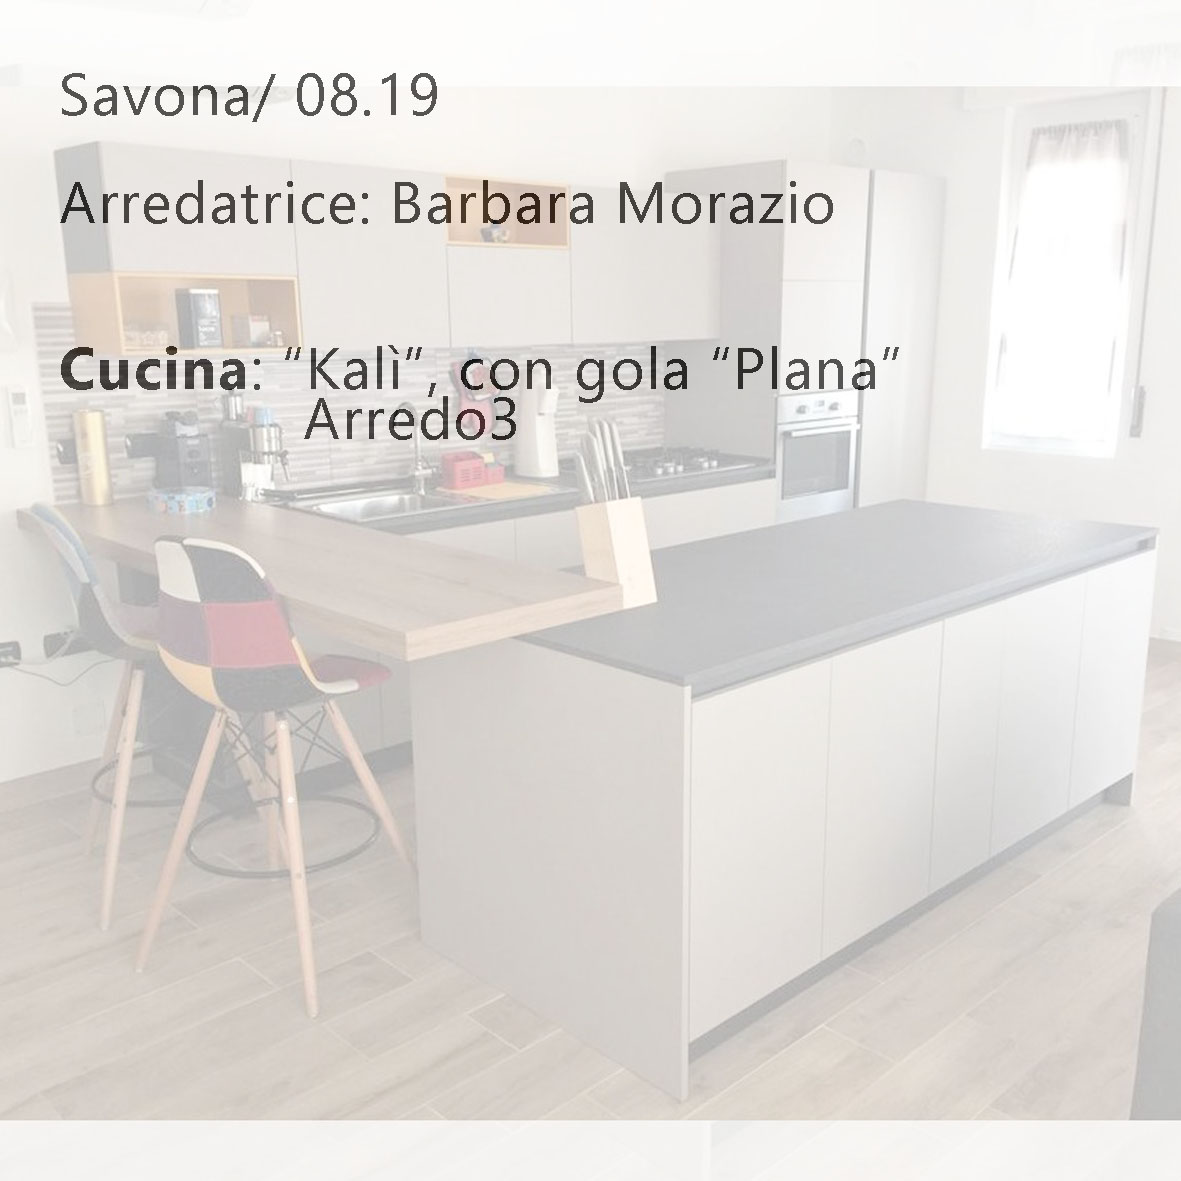 realizzazione-arredo3-cucina-centro dell'arredamento-savona